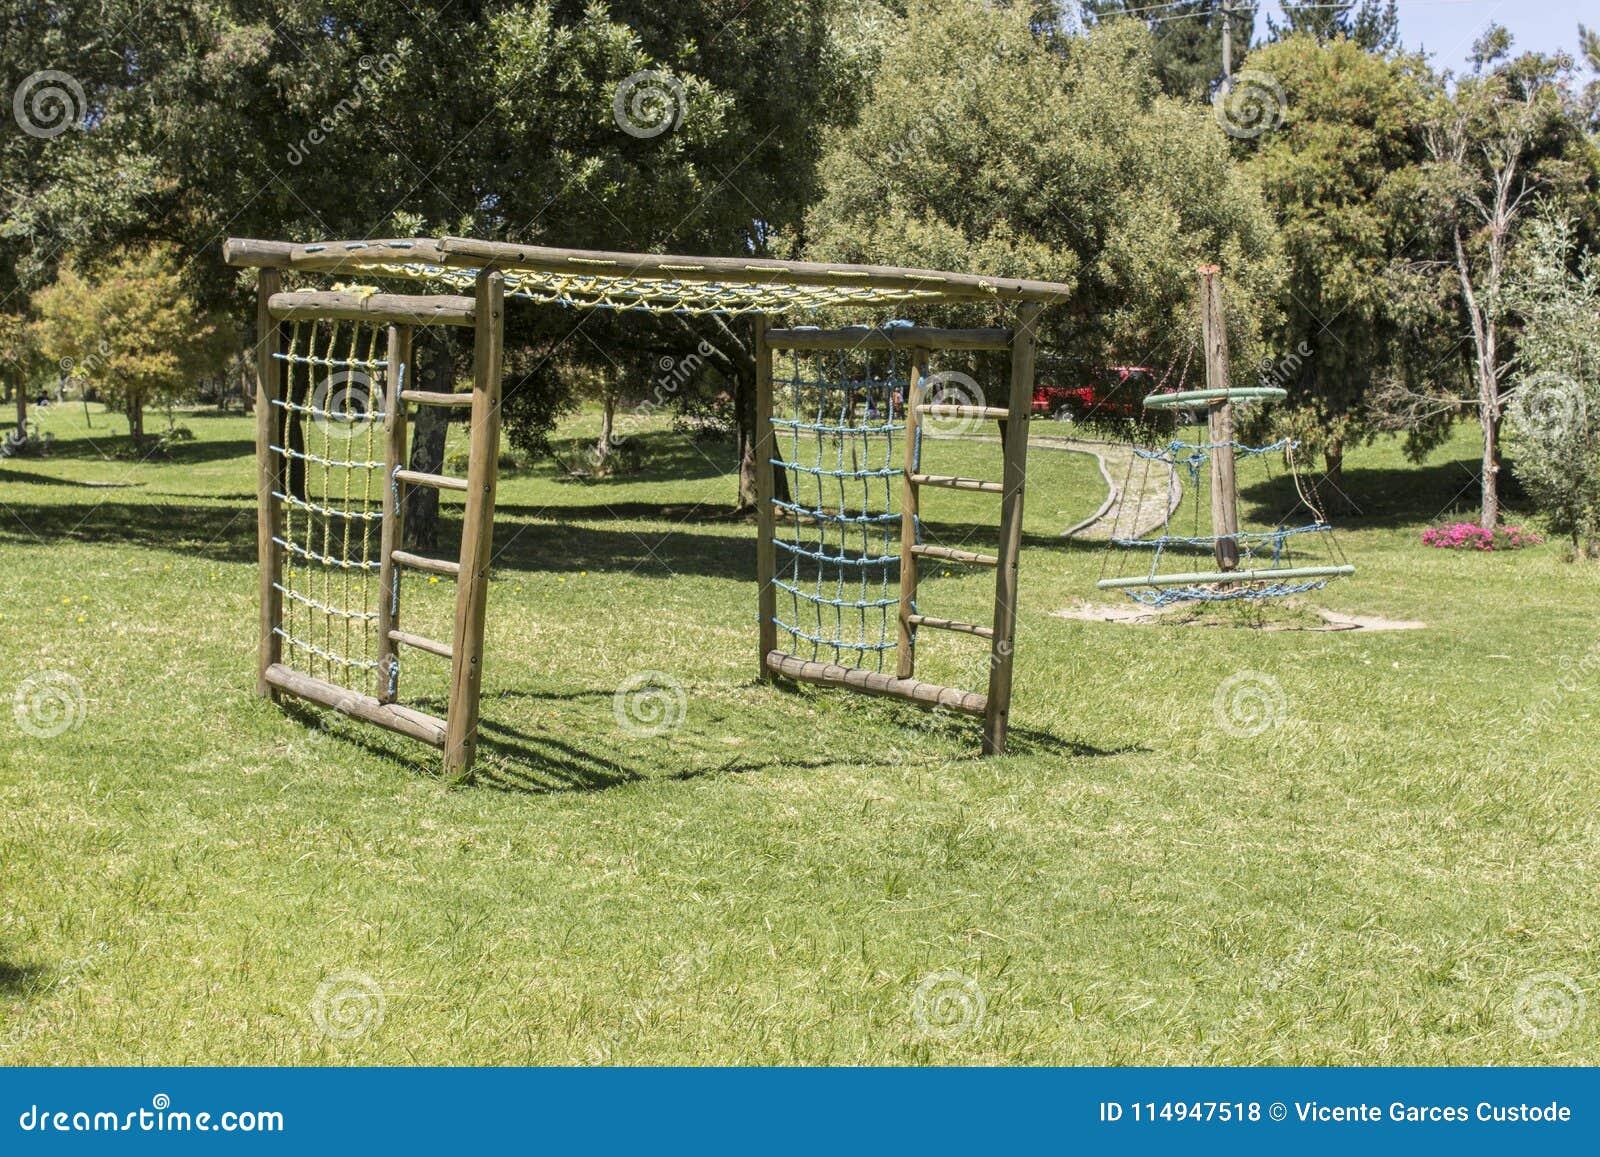 Parquee Los Juegos Para Los Ninos Hechos De La Madera En Un Parque